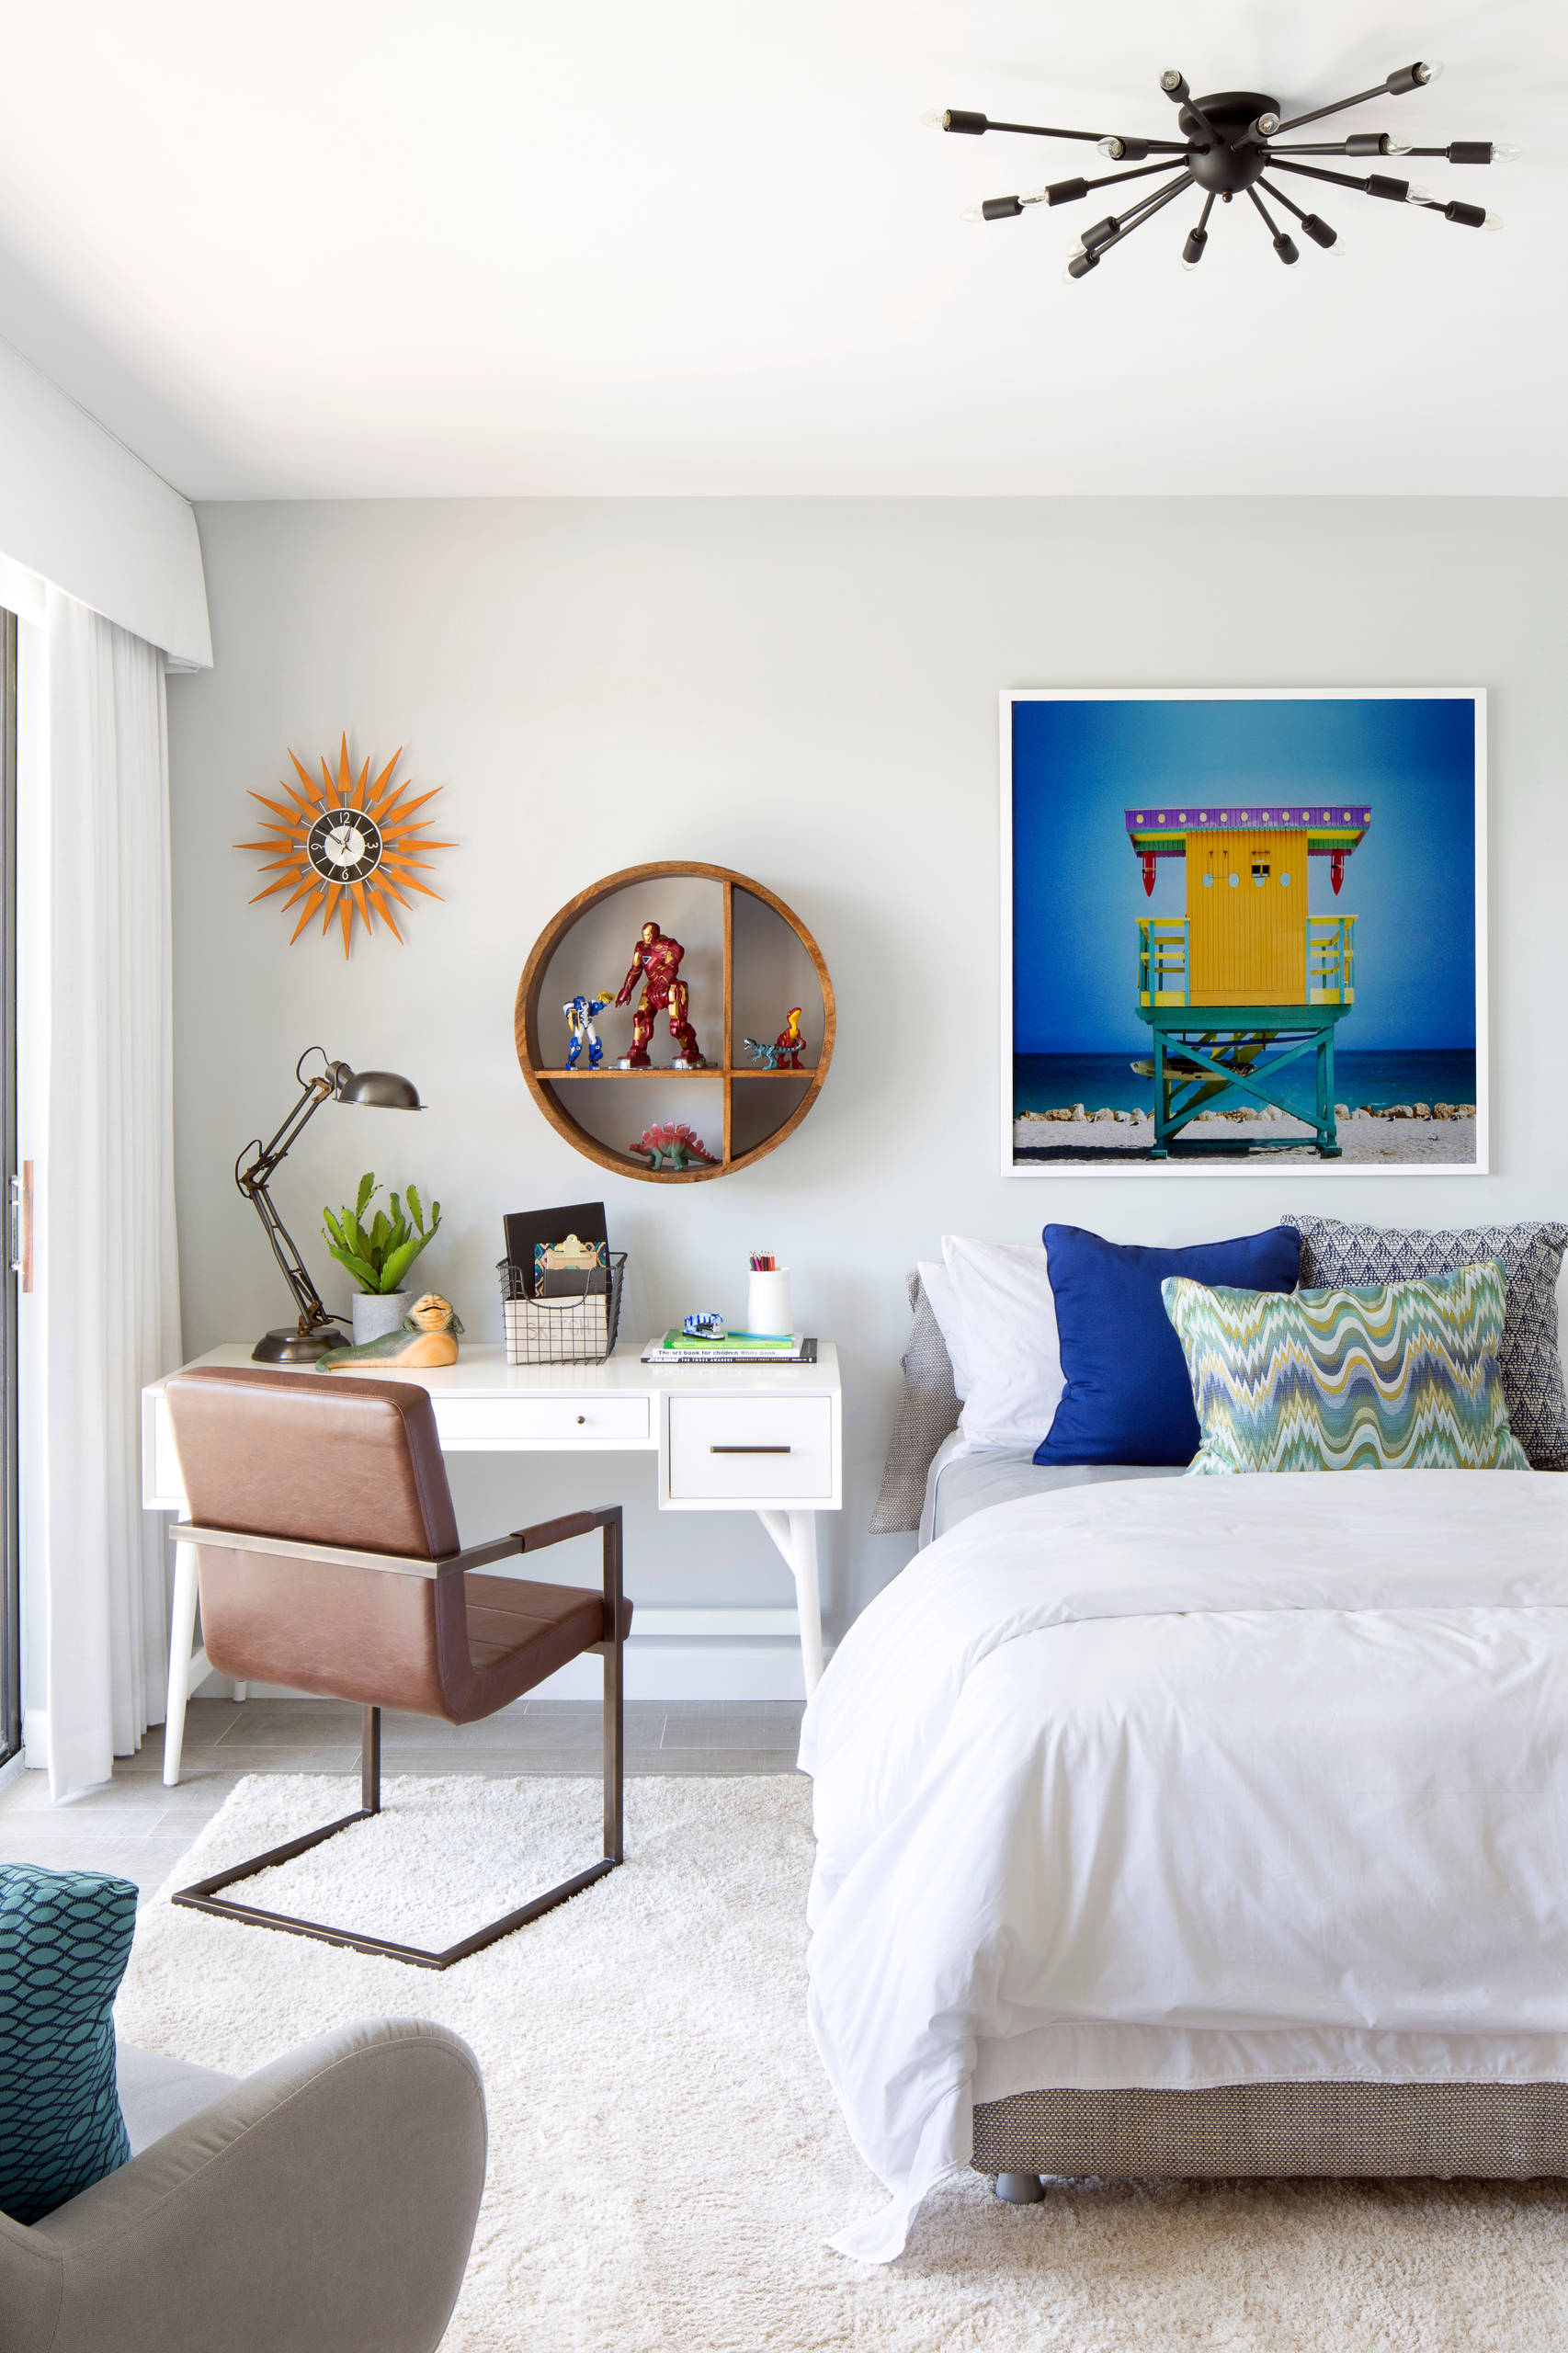 Eclectic bedroom design